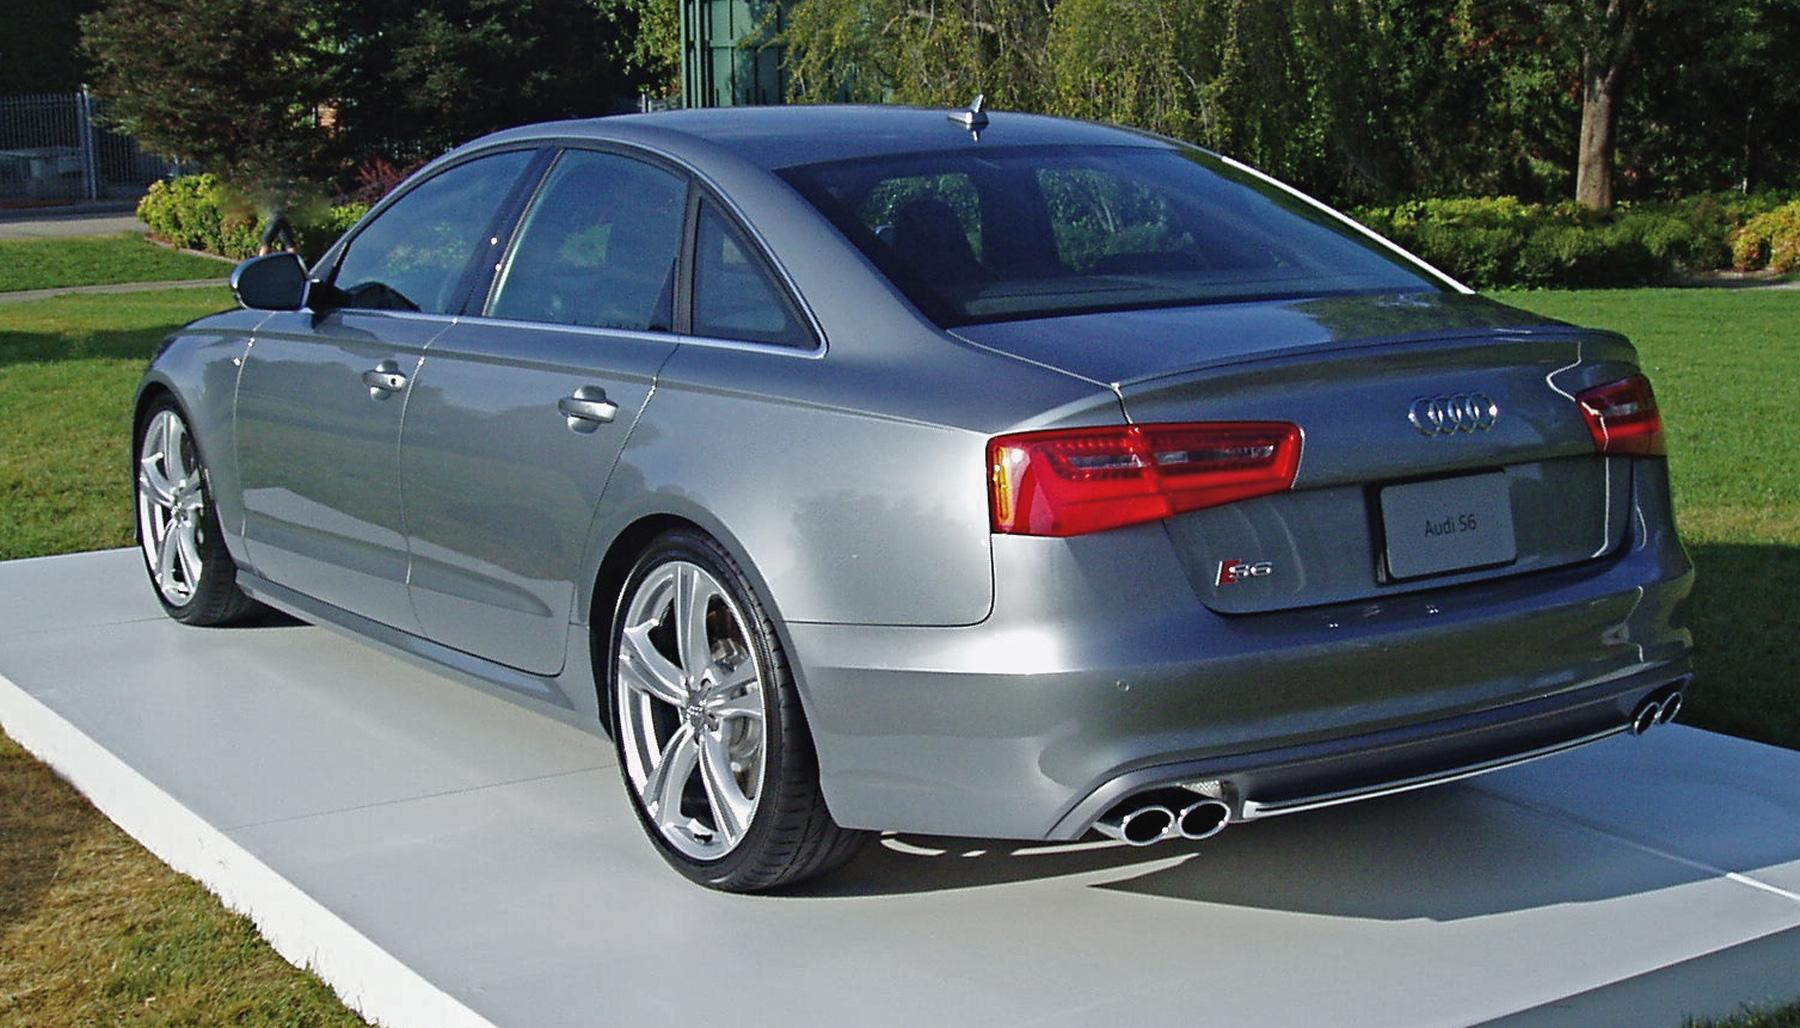 Kelebihan Audi S6 2013 Spesifikasi